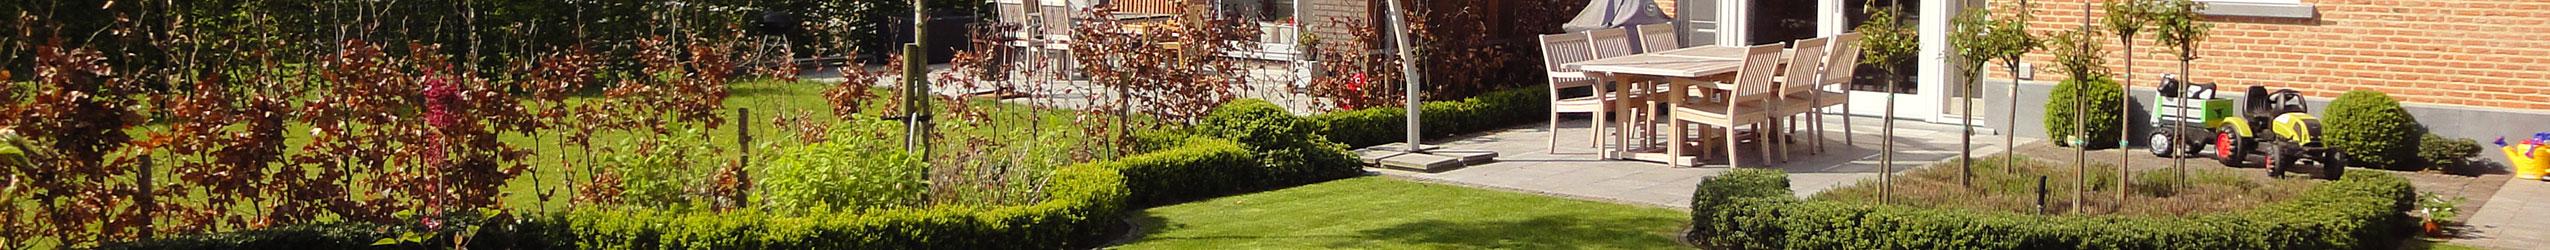 De-Tuinman-landelijke-tuin-041